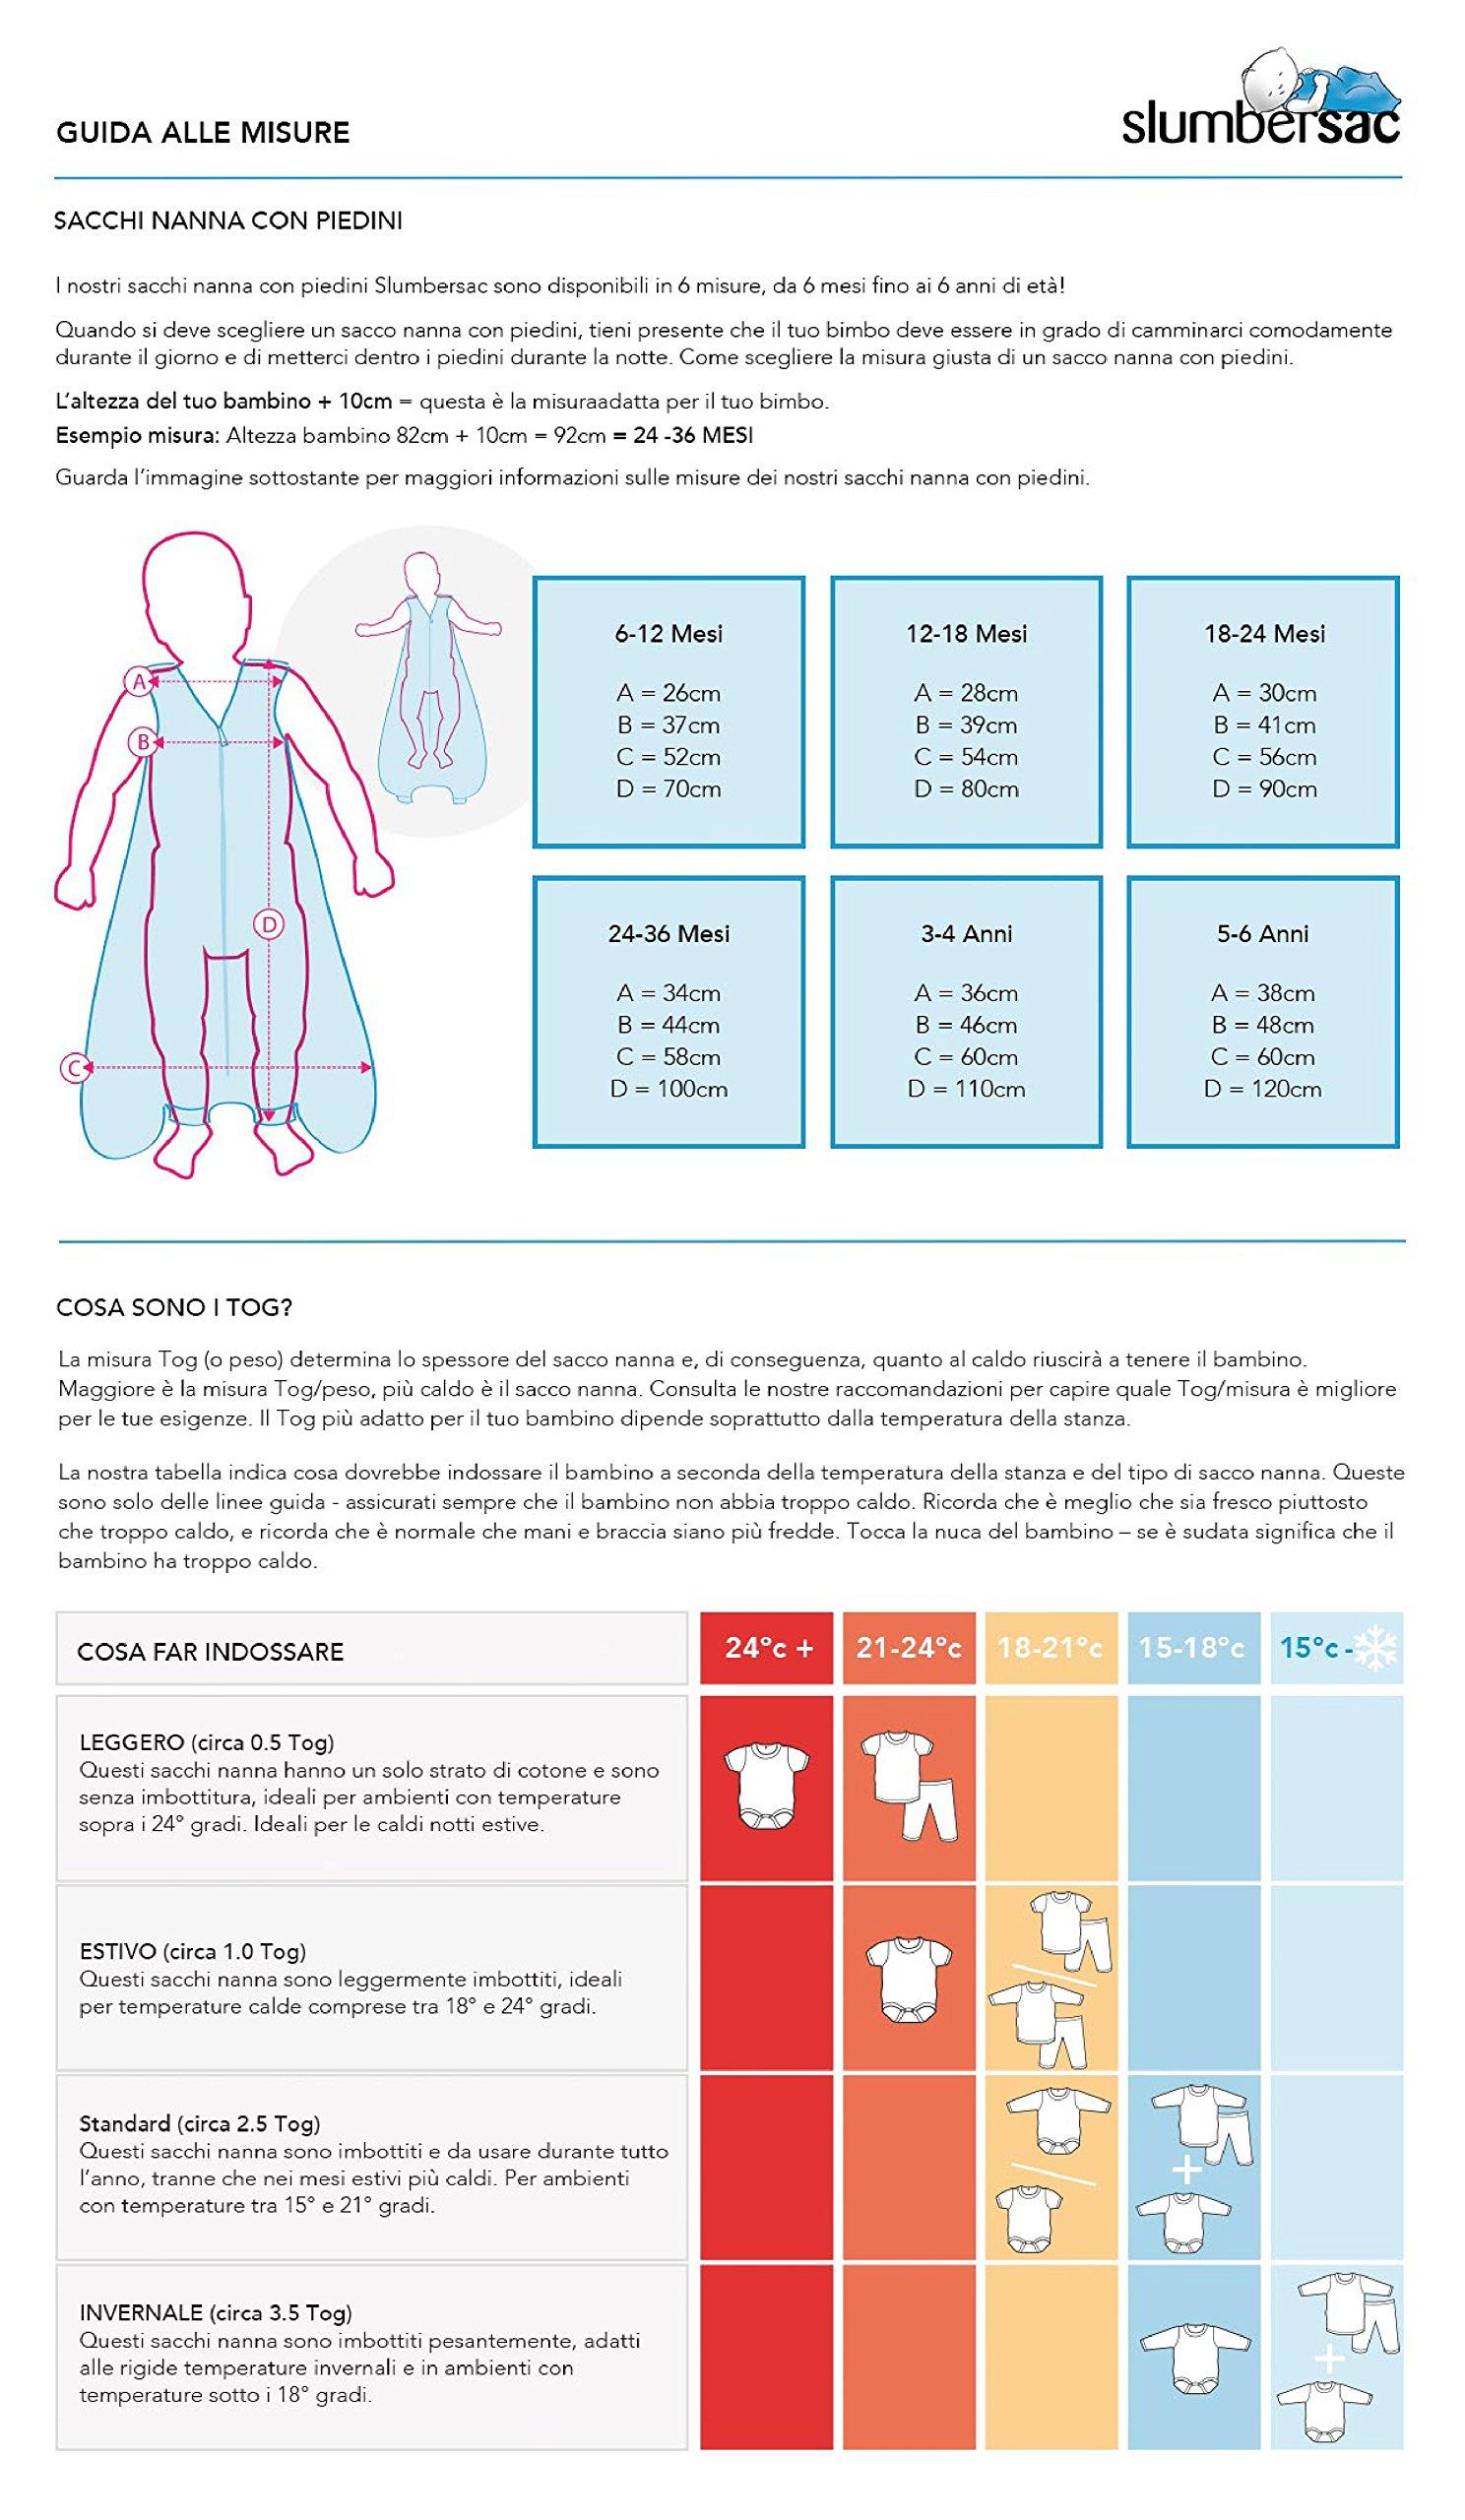 Saco de Dormir con Pies de Verano Slumbersac para Niño aprox. 1 Tog – Búho – 3-4 años